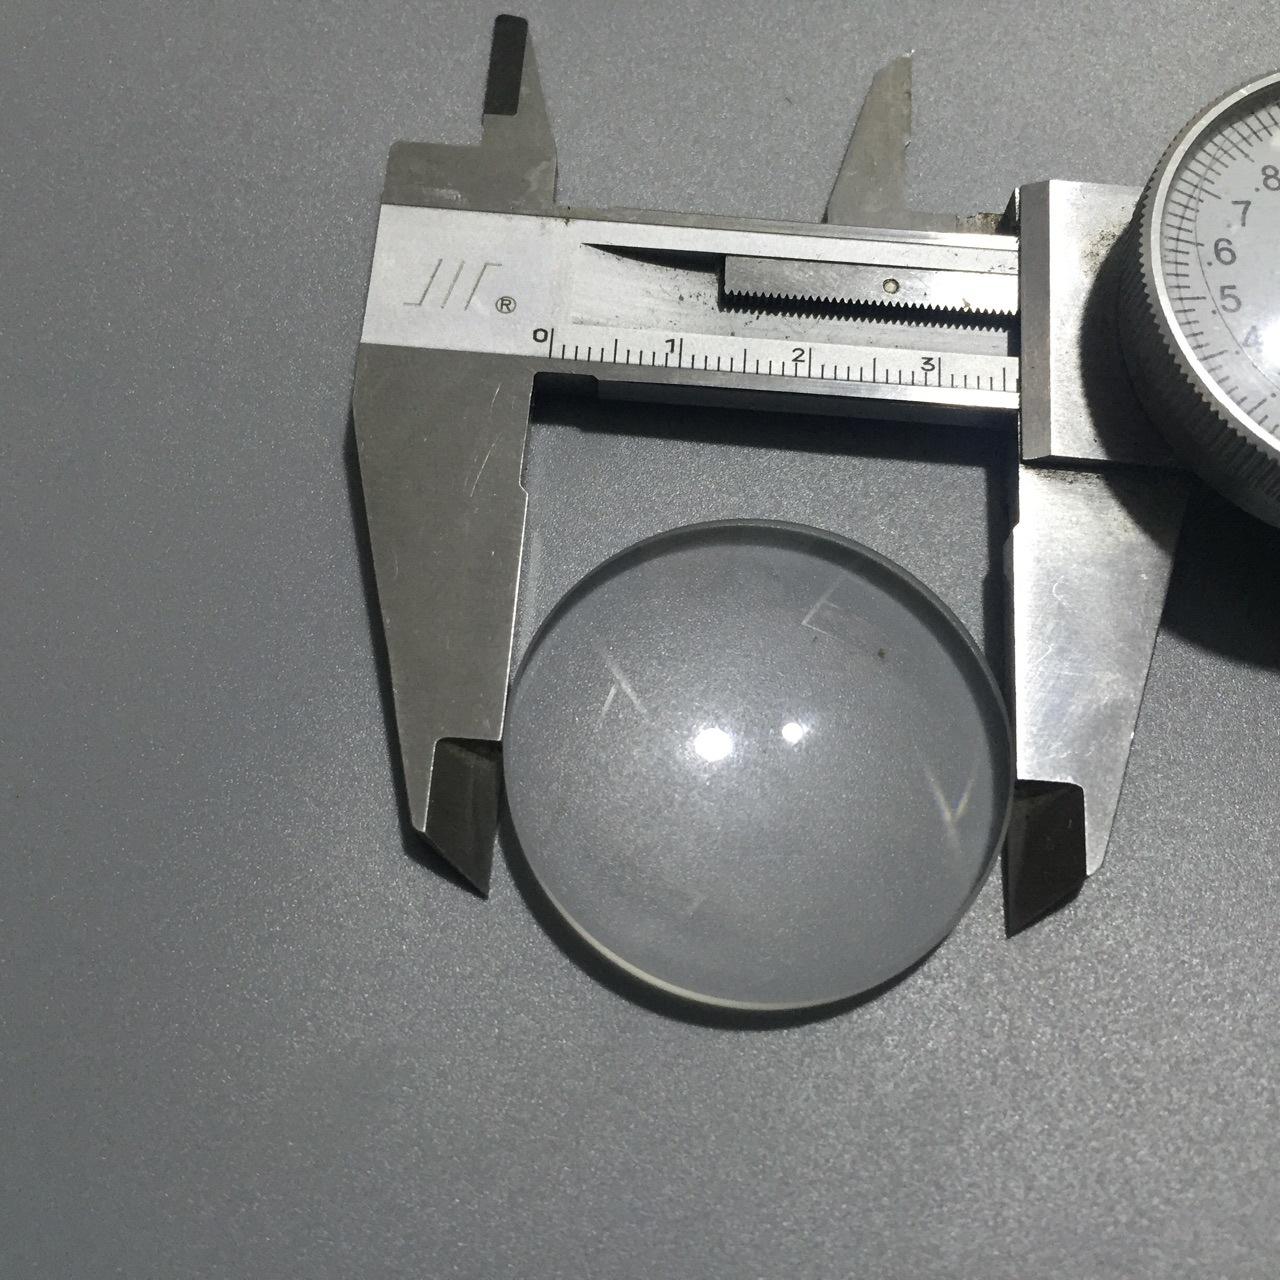 Jingliang Đèn LED thấu kính nhà sản xuất quang điện cung cấp kính vr kính 42mm xử lý ống kính led đè